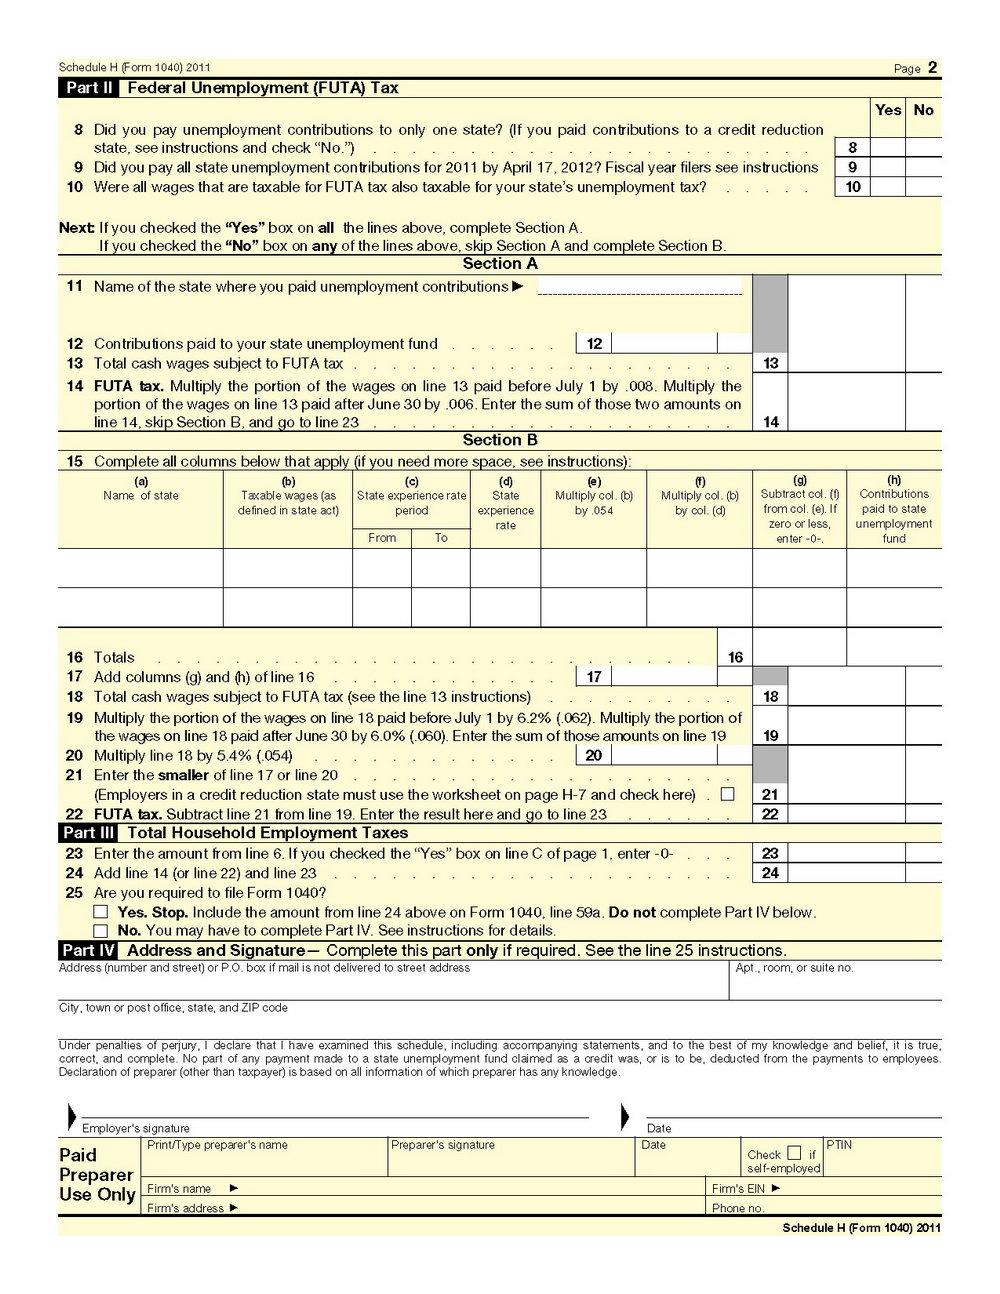 Tax Form 1040ez Line 11